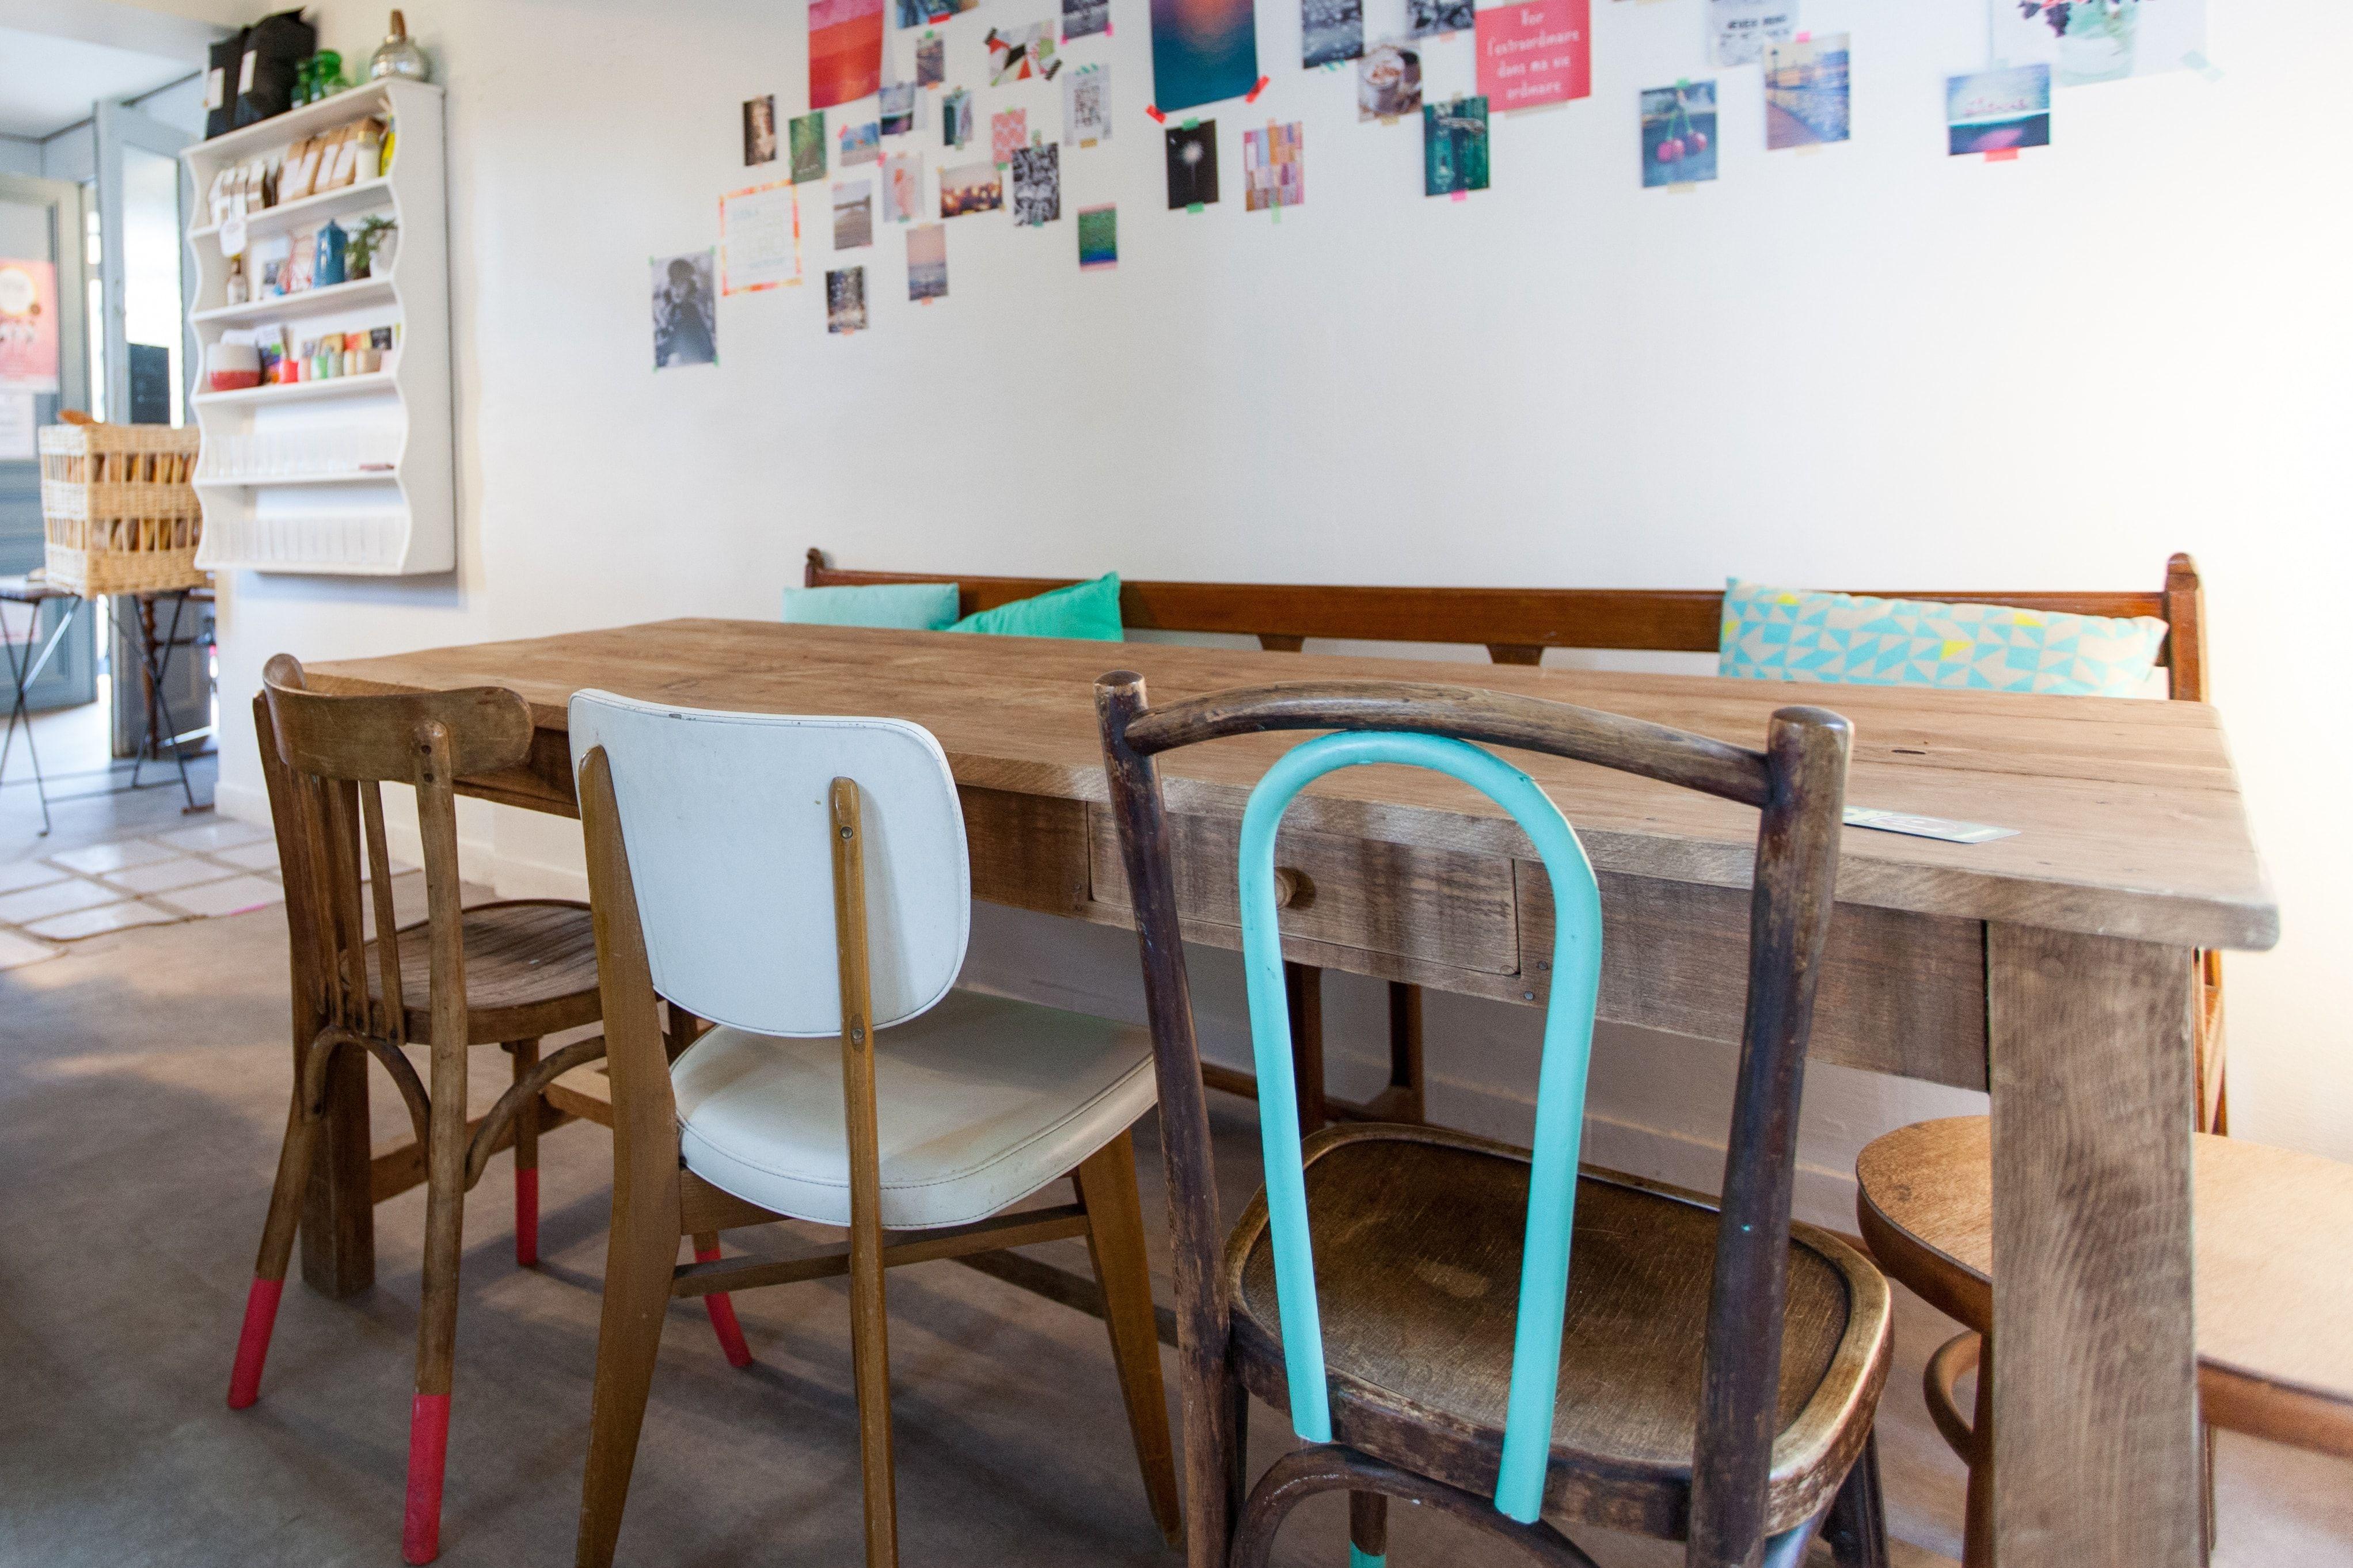 des chaises d�pareill�es chin�es : des chaises d�pareill�es